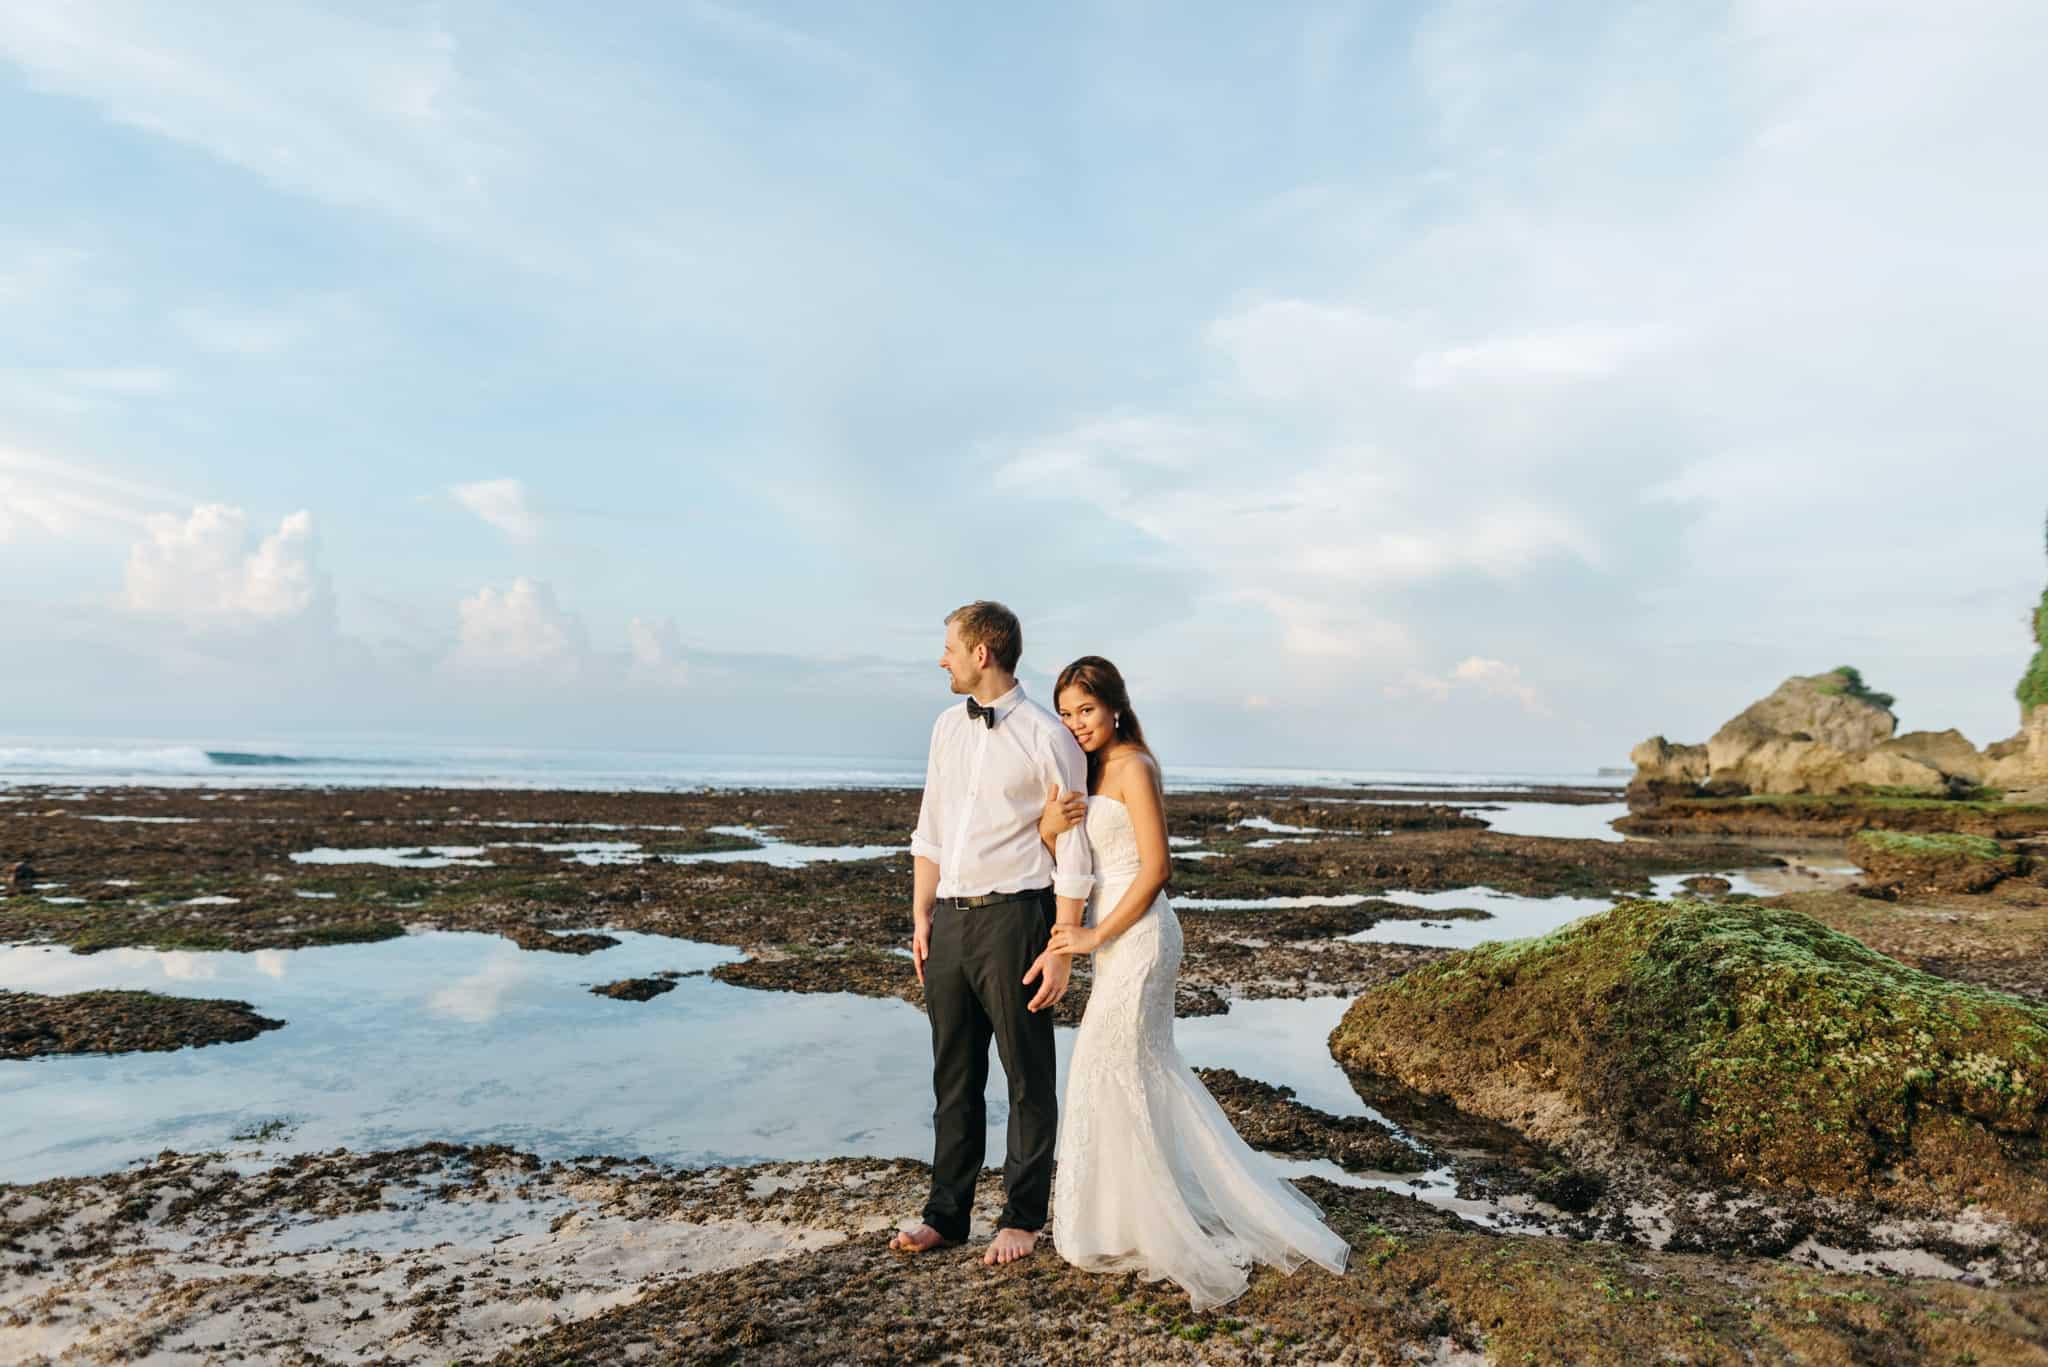 010-suluban-beach-wedding